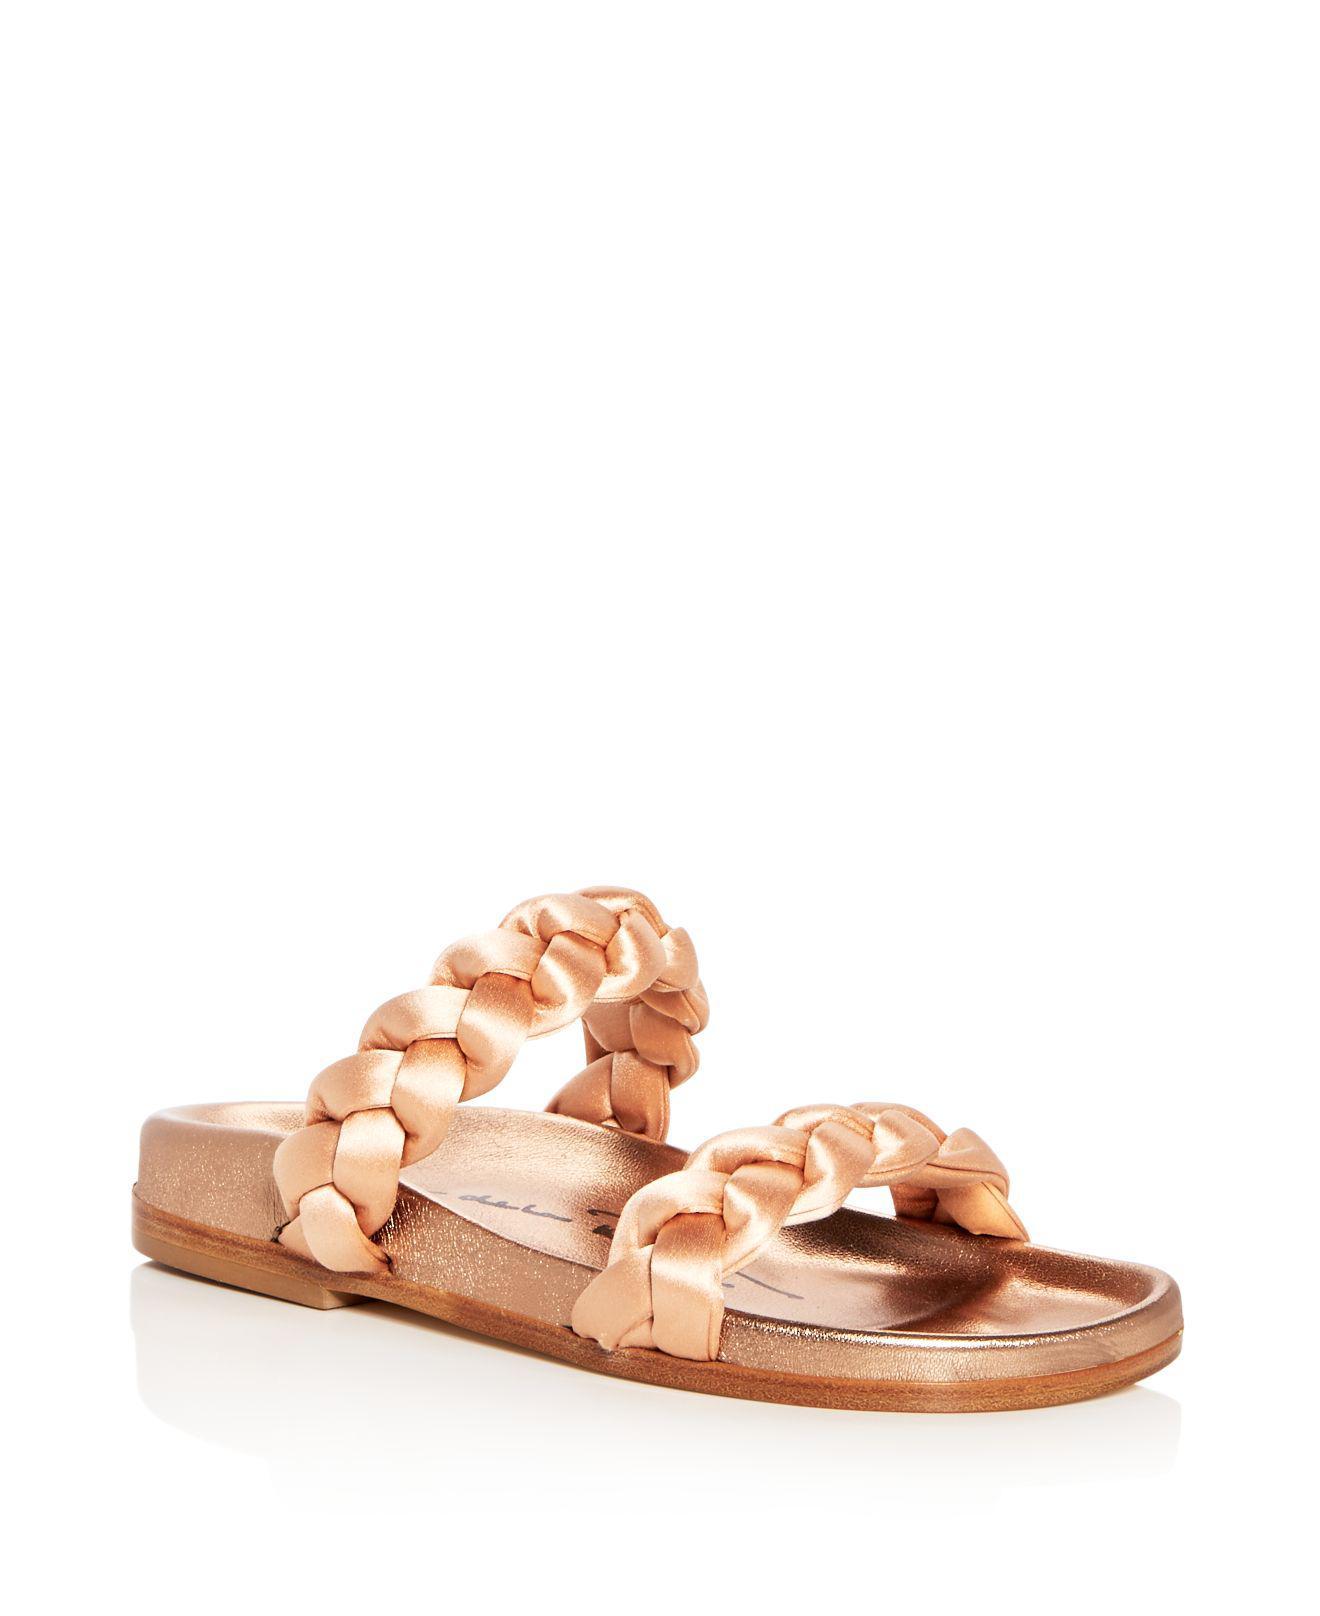 Oscar de la Renta Women's Charlee Crystal Embellished Satin Slide Sandals M9bUm0